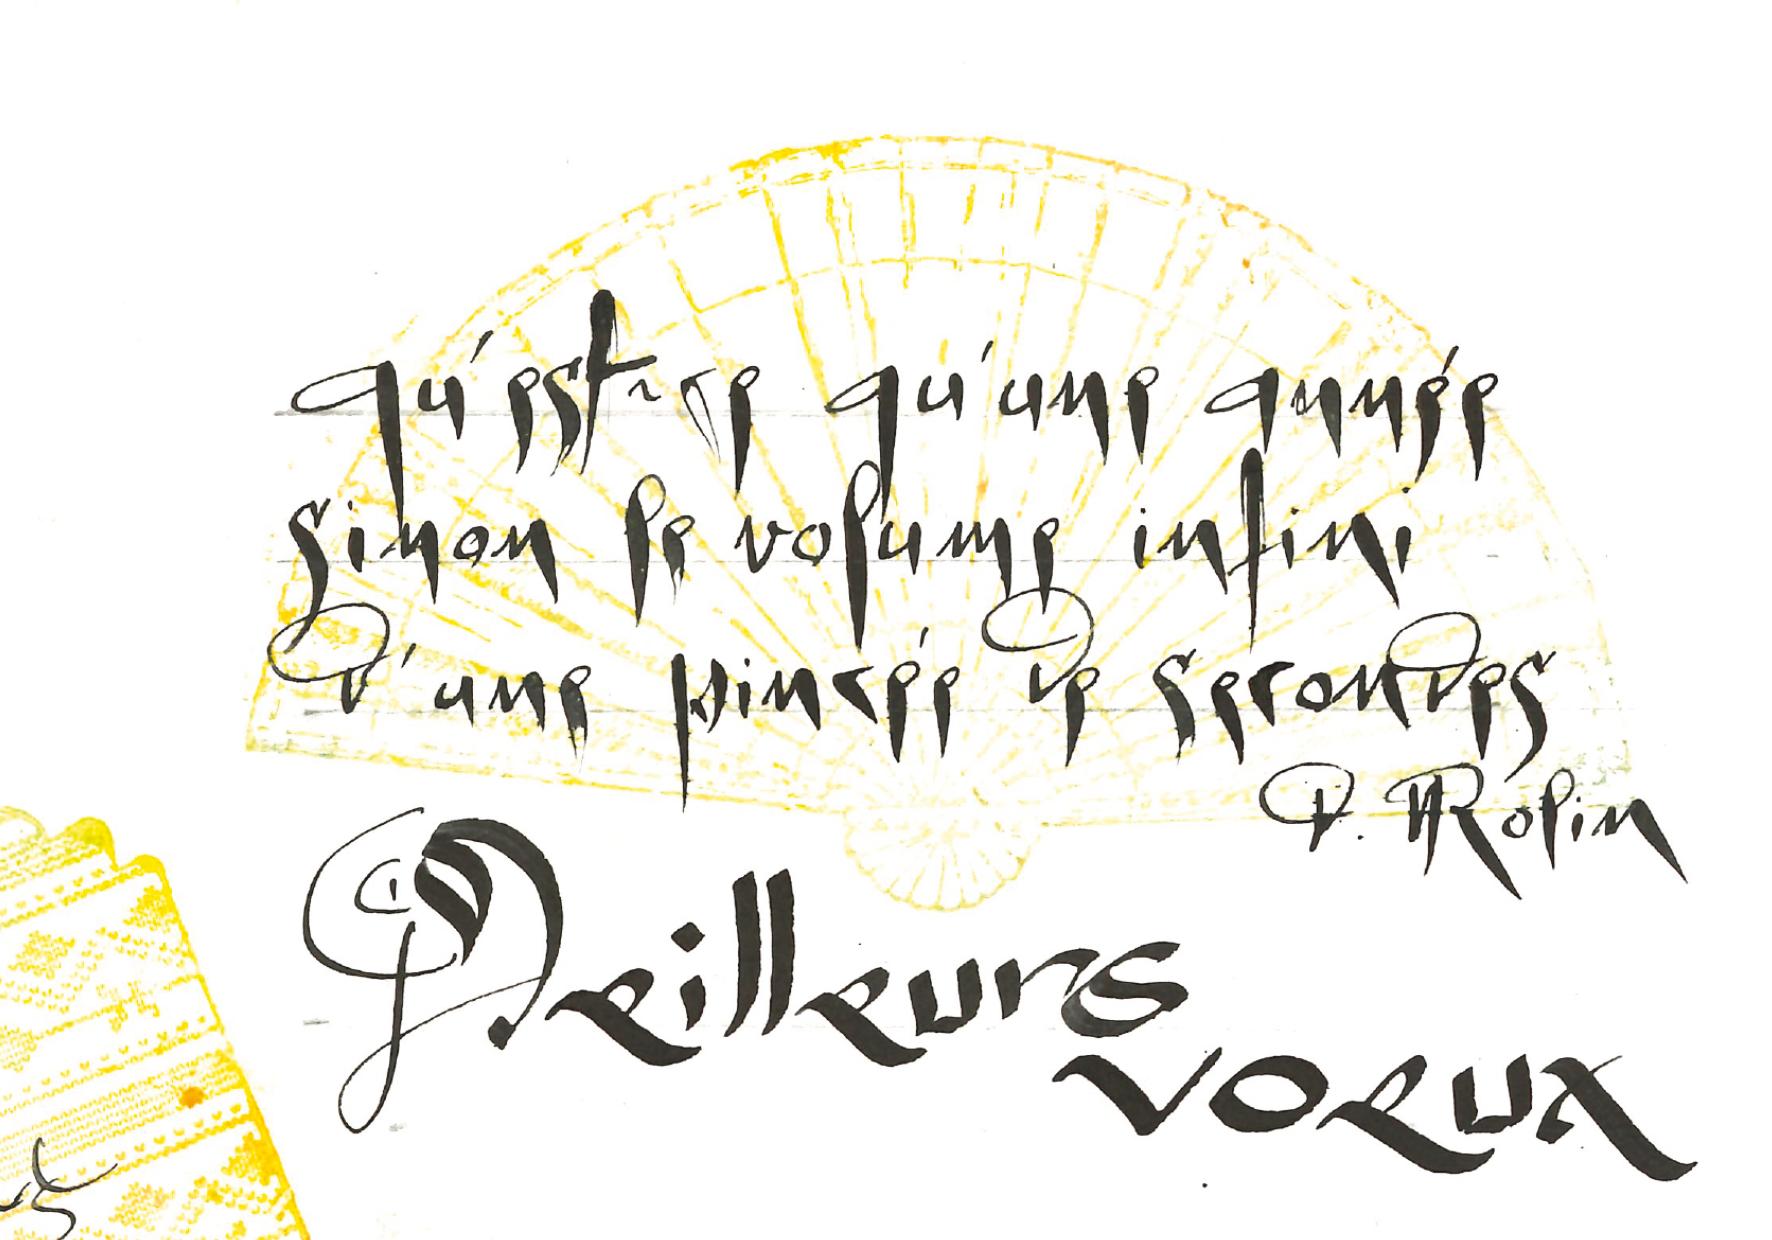 Une pensée calligraphiée de Vincianne Gouttebarge